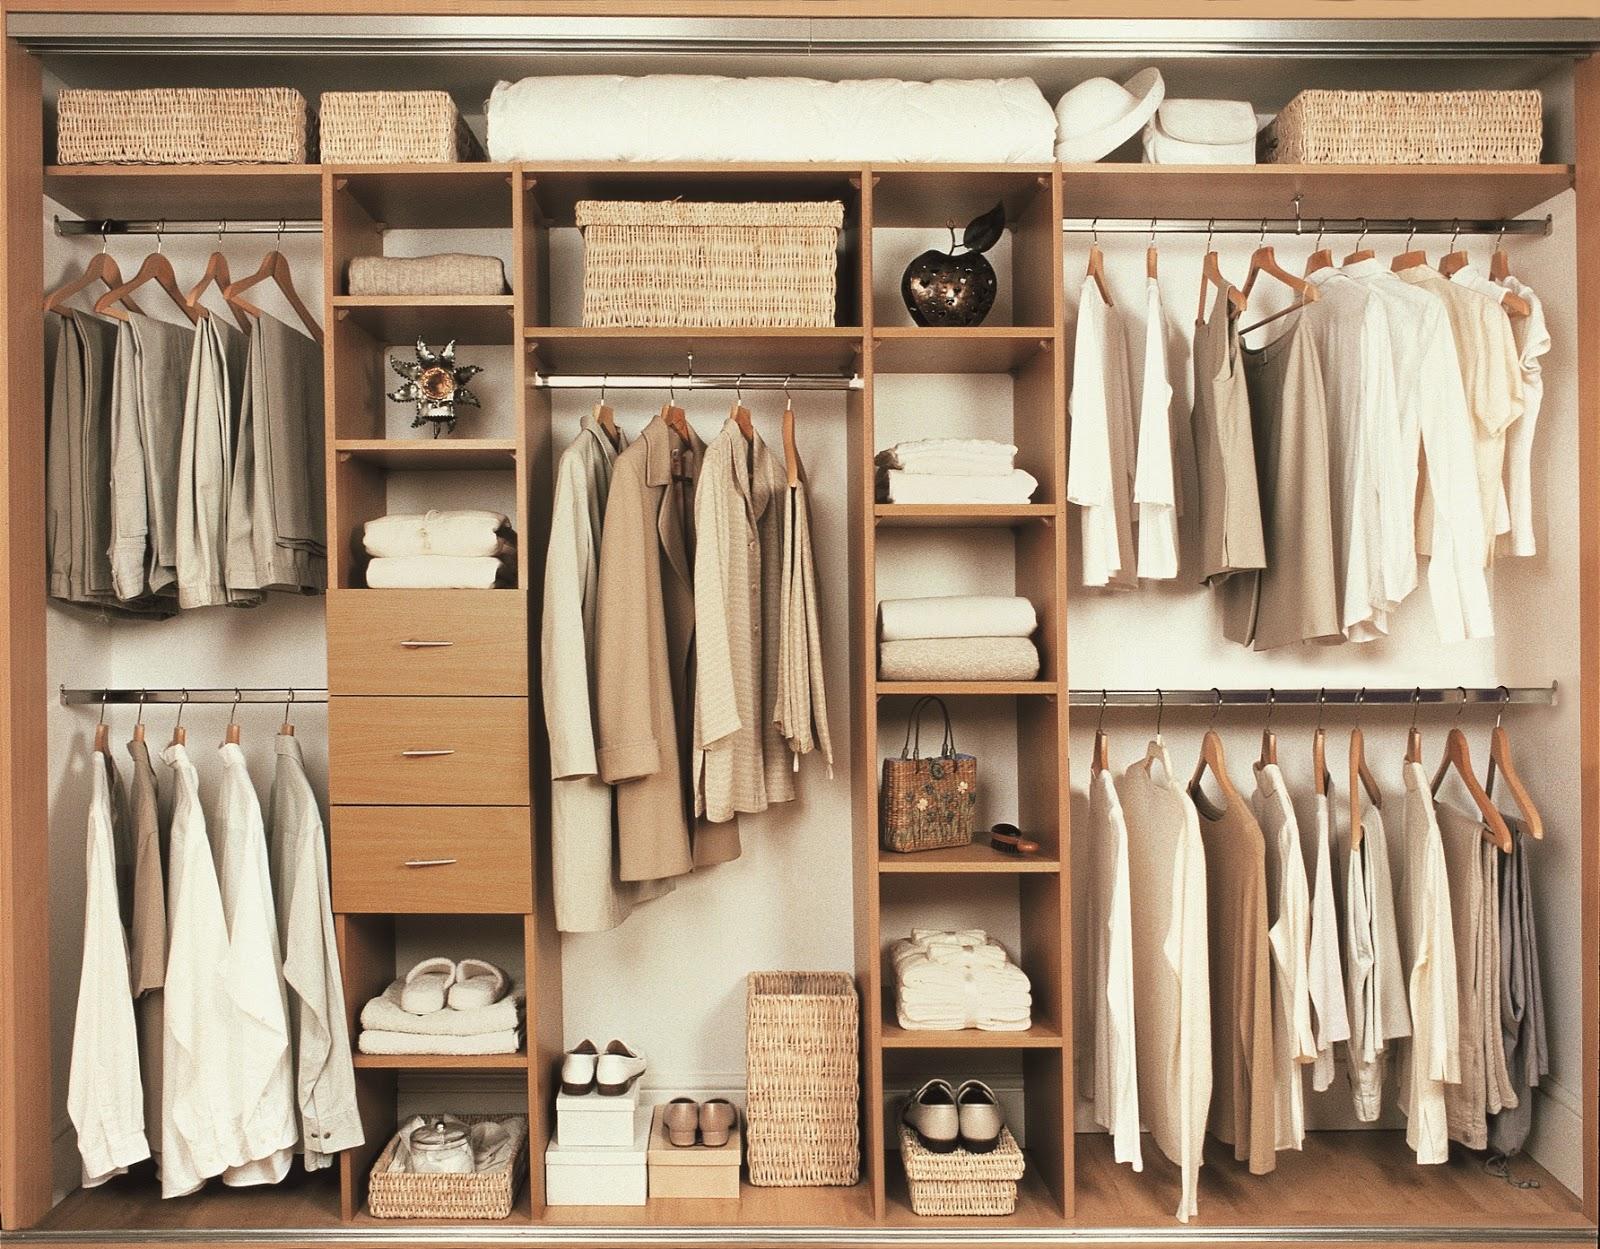 Beli lemari pakaian